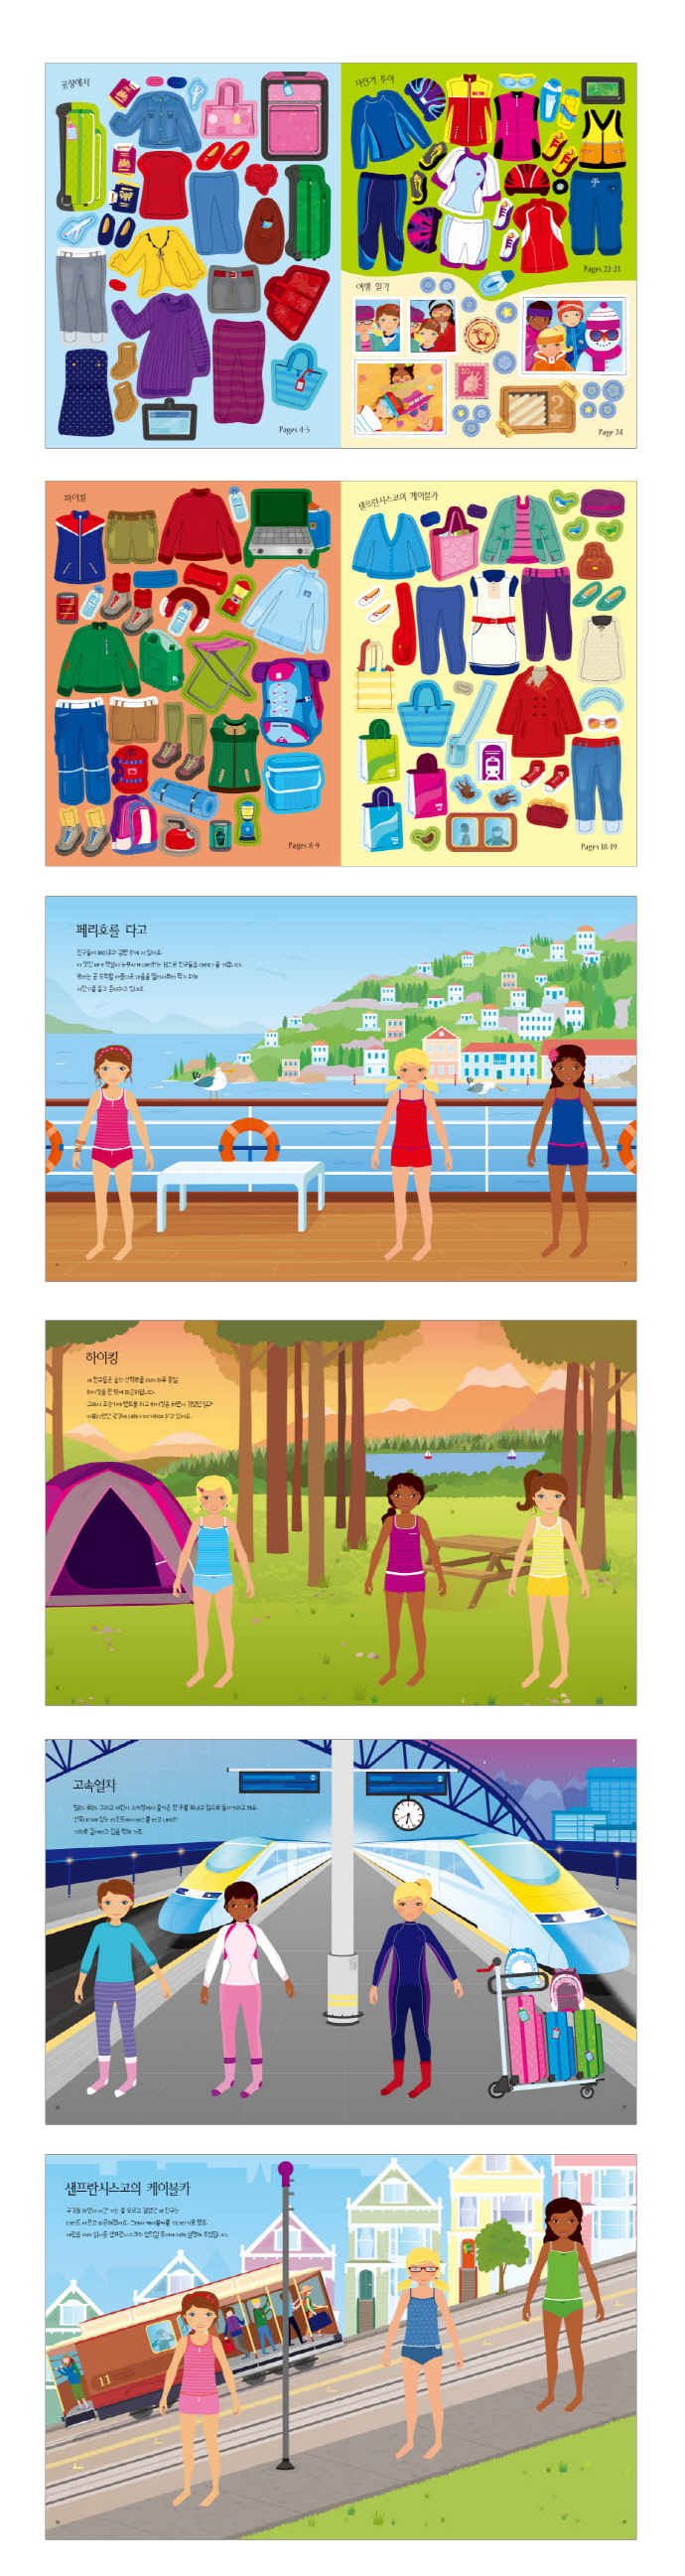 스티커 인형 옷 입히기: 해외여행 편(공주 스티커 시리즈 18) 도서 상세이미지